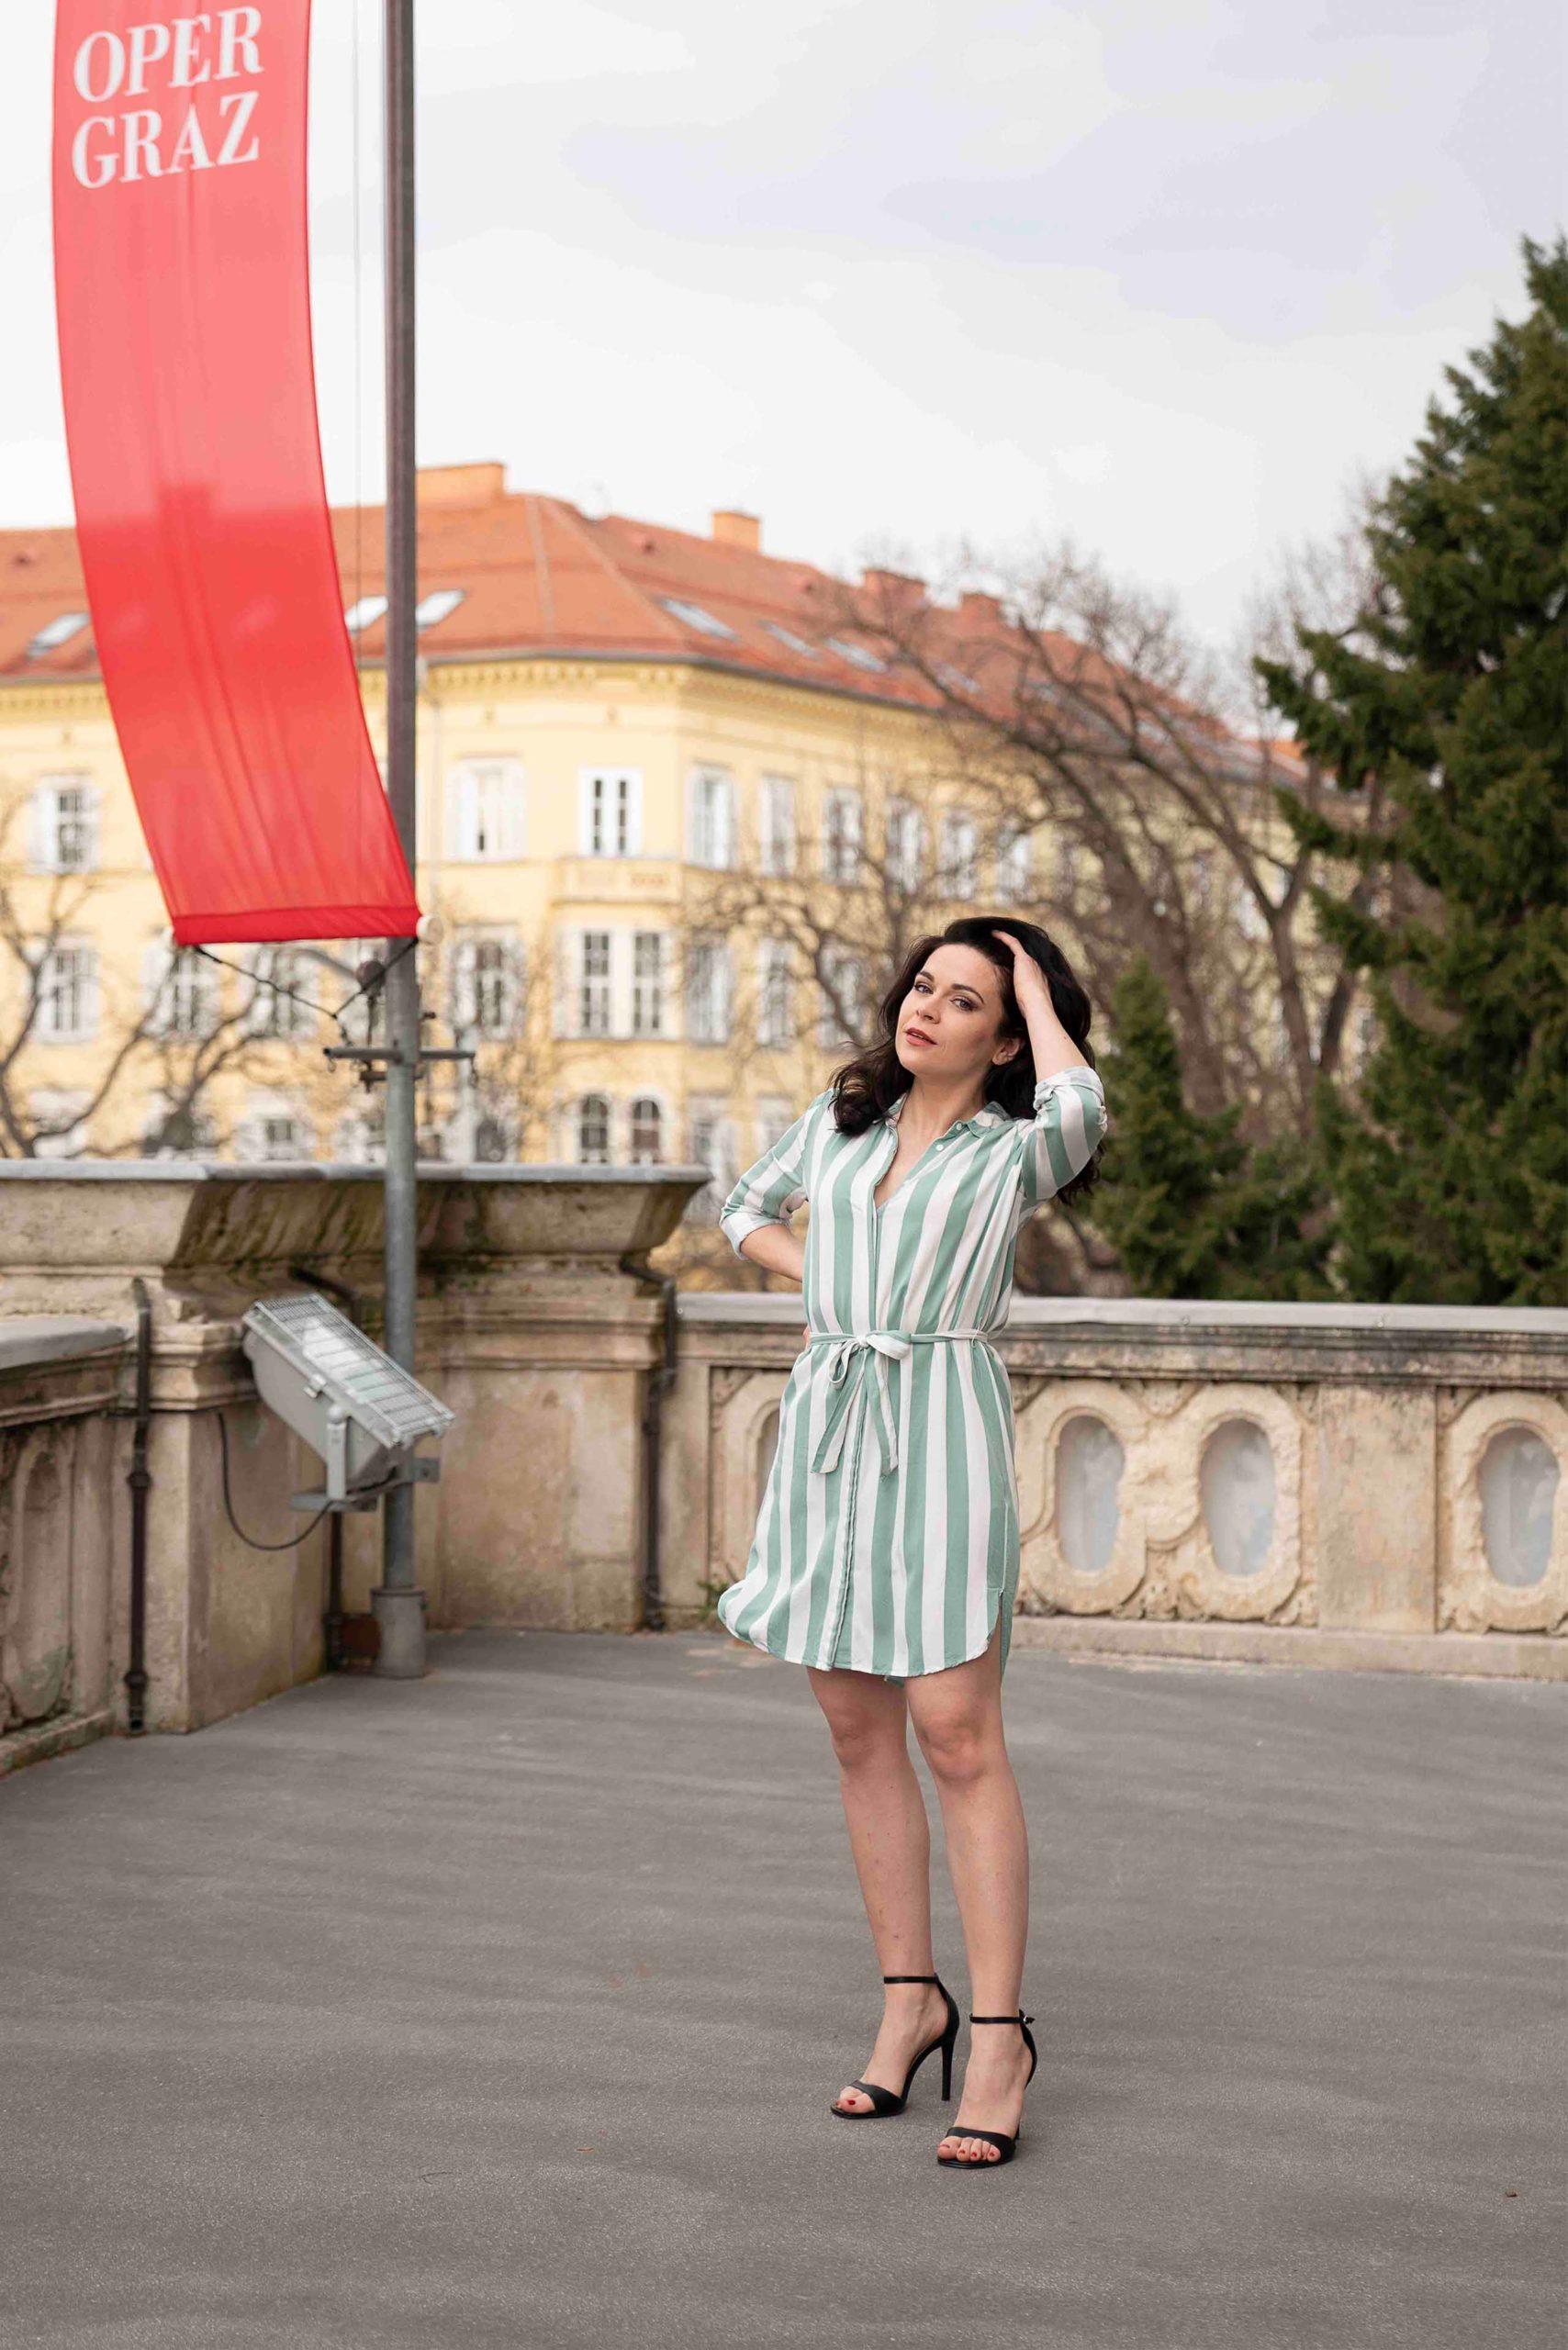 Sieglinde Feldhofer in grün gestreiftem Kleid auf dem Balkon der Grazer Oper © Sara Sera